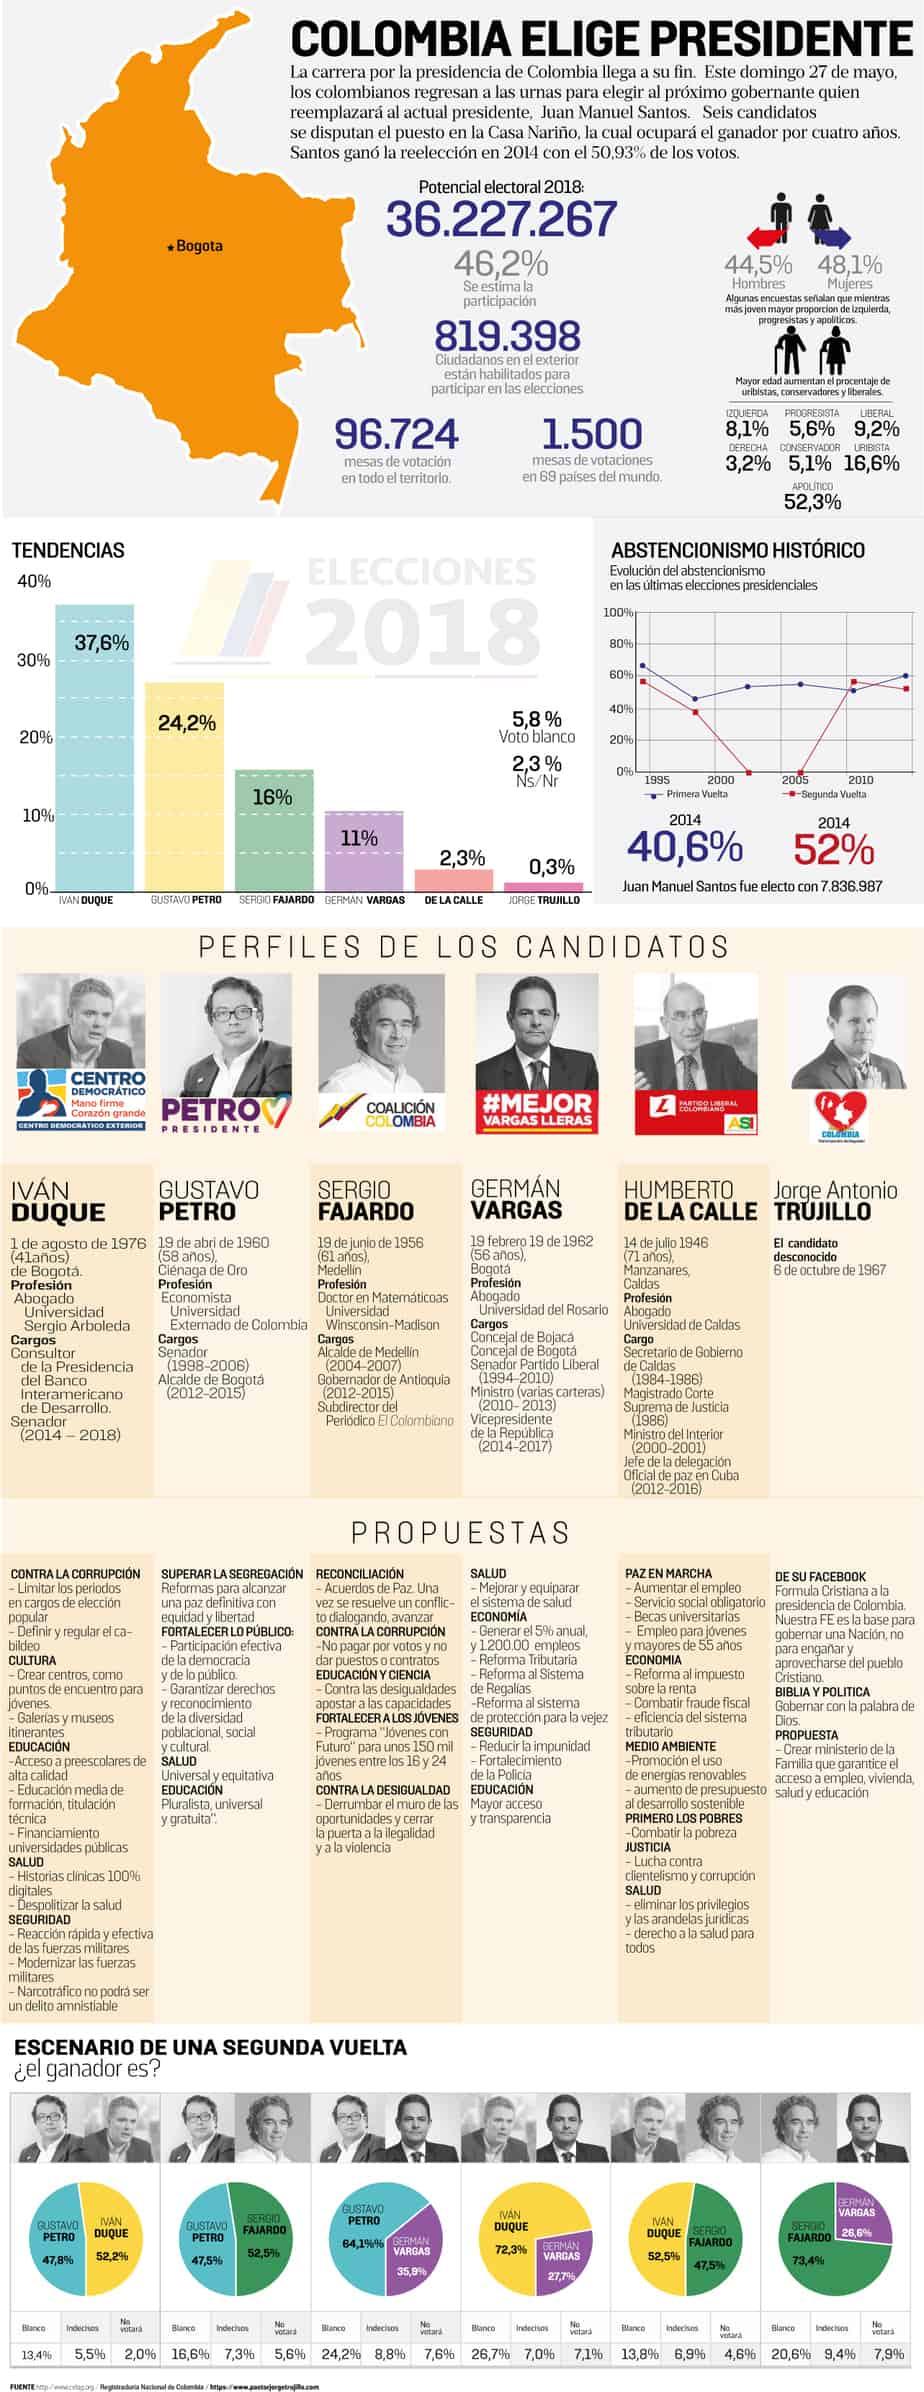 Elecciones en Colombia, 27 mayo 2018